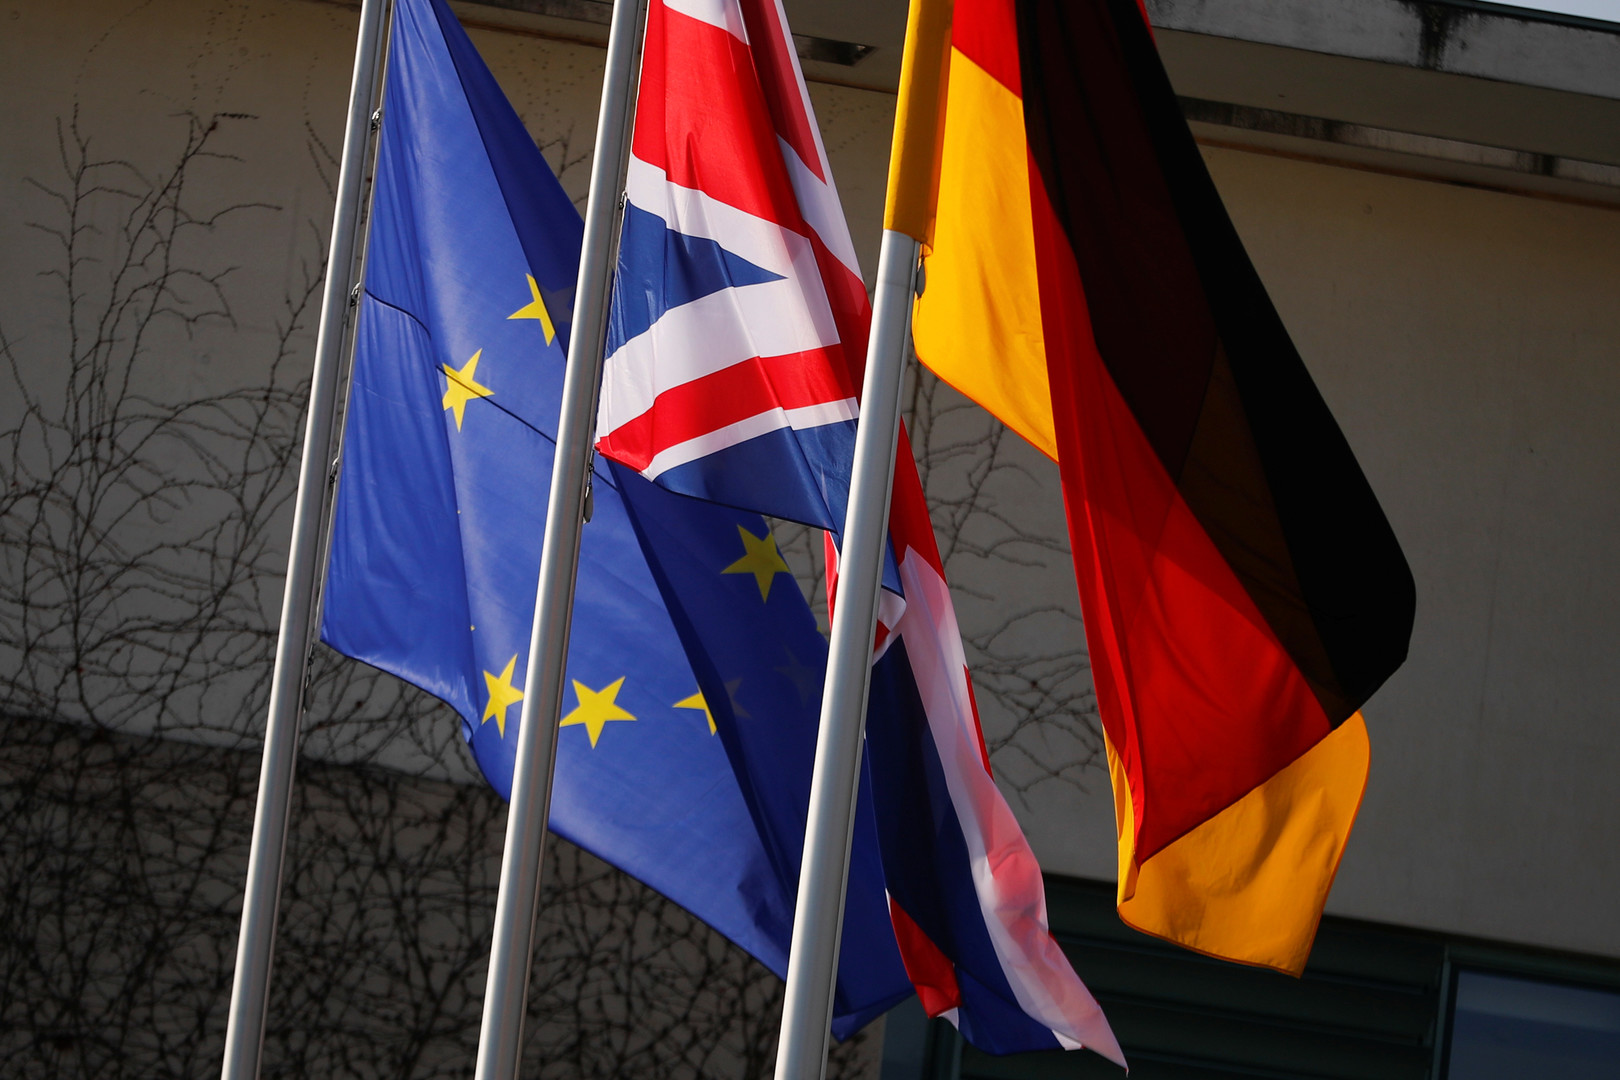 أوروبا تتحفظ إزاء دعوة بومبيو لإنشاء تحالف دولي ضد إيران